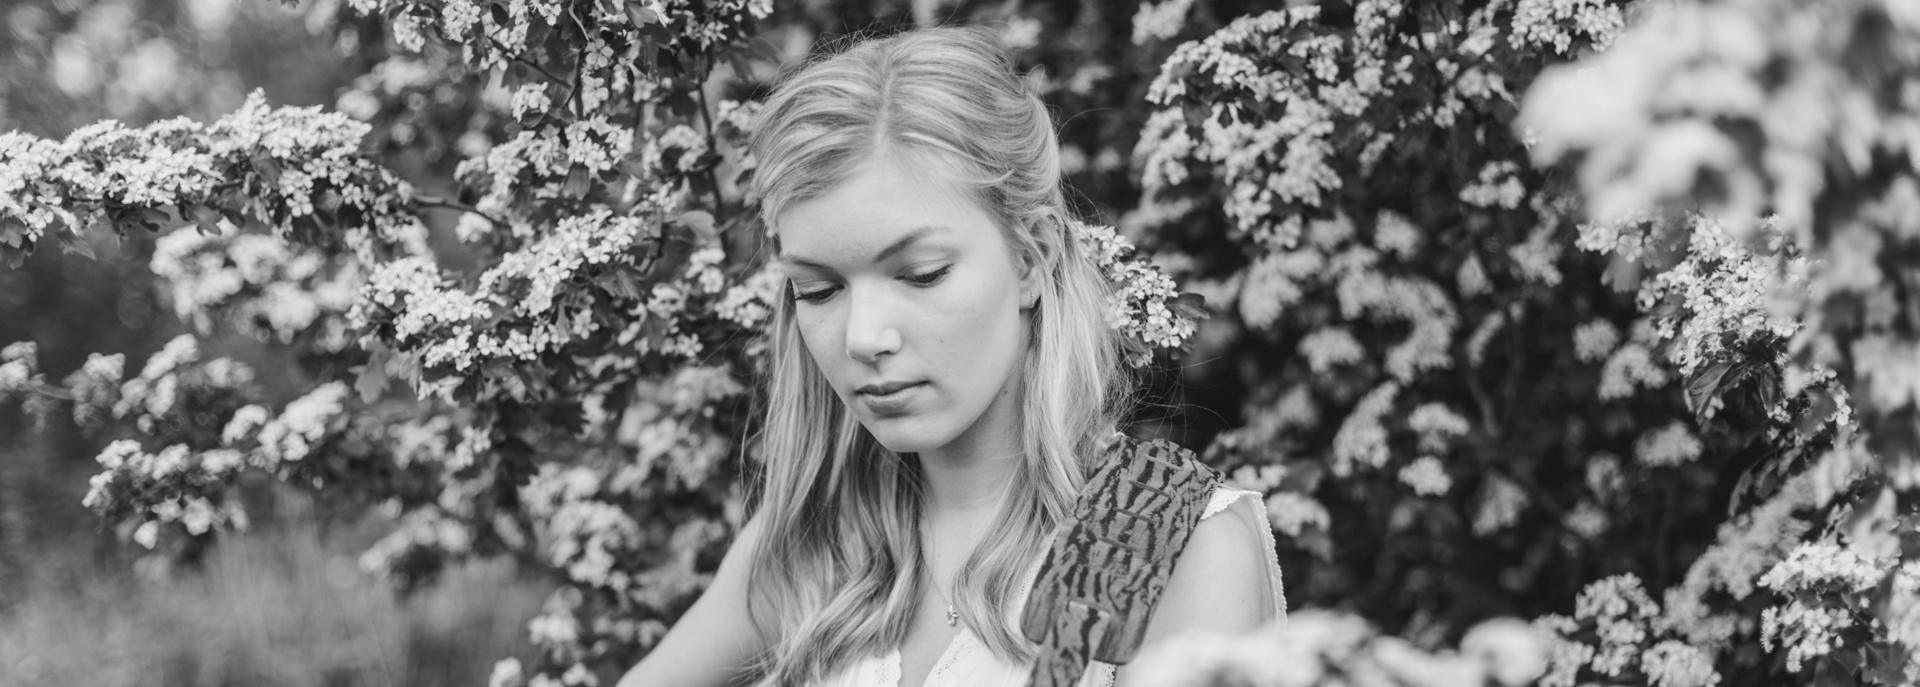 Het is tijd voor alweer de achtste editie van het Singer-songwriter Festival: een intieme, sfeervolle avond met prachtige luisterliedjes van Nederlandse singer-songwriters. Sommige kent u misschien, andere wellicht nog niet. Laat u verrassen en meevoeren in de prachtige teksten en melodieën van Lucky Fonz III, YORI, Christof van der Ven en Hannah Mae.